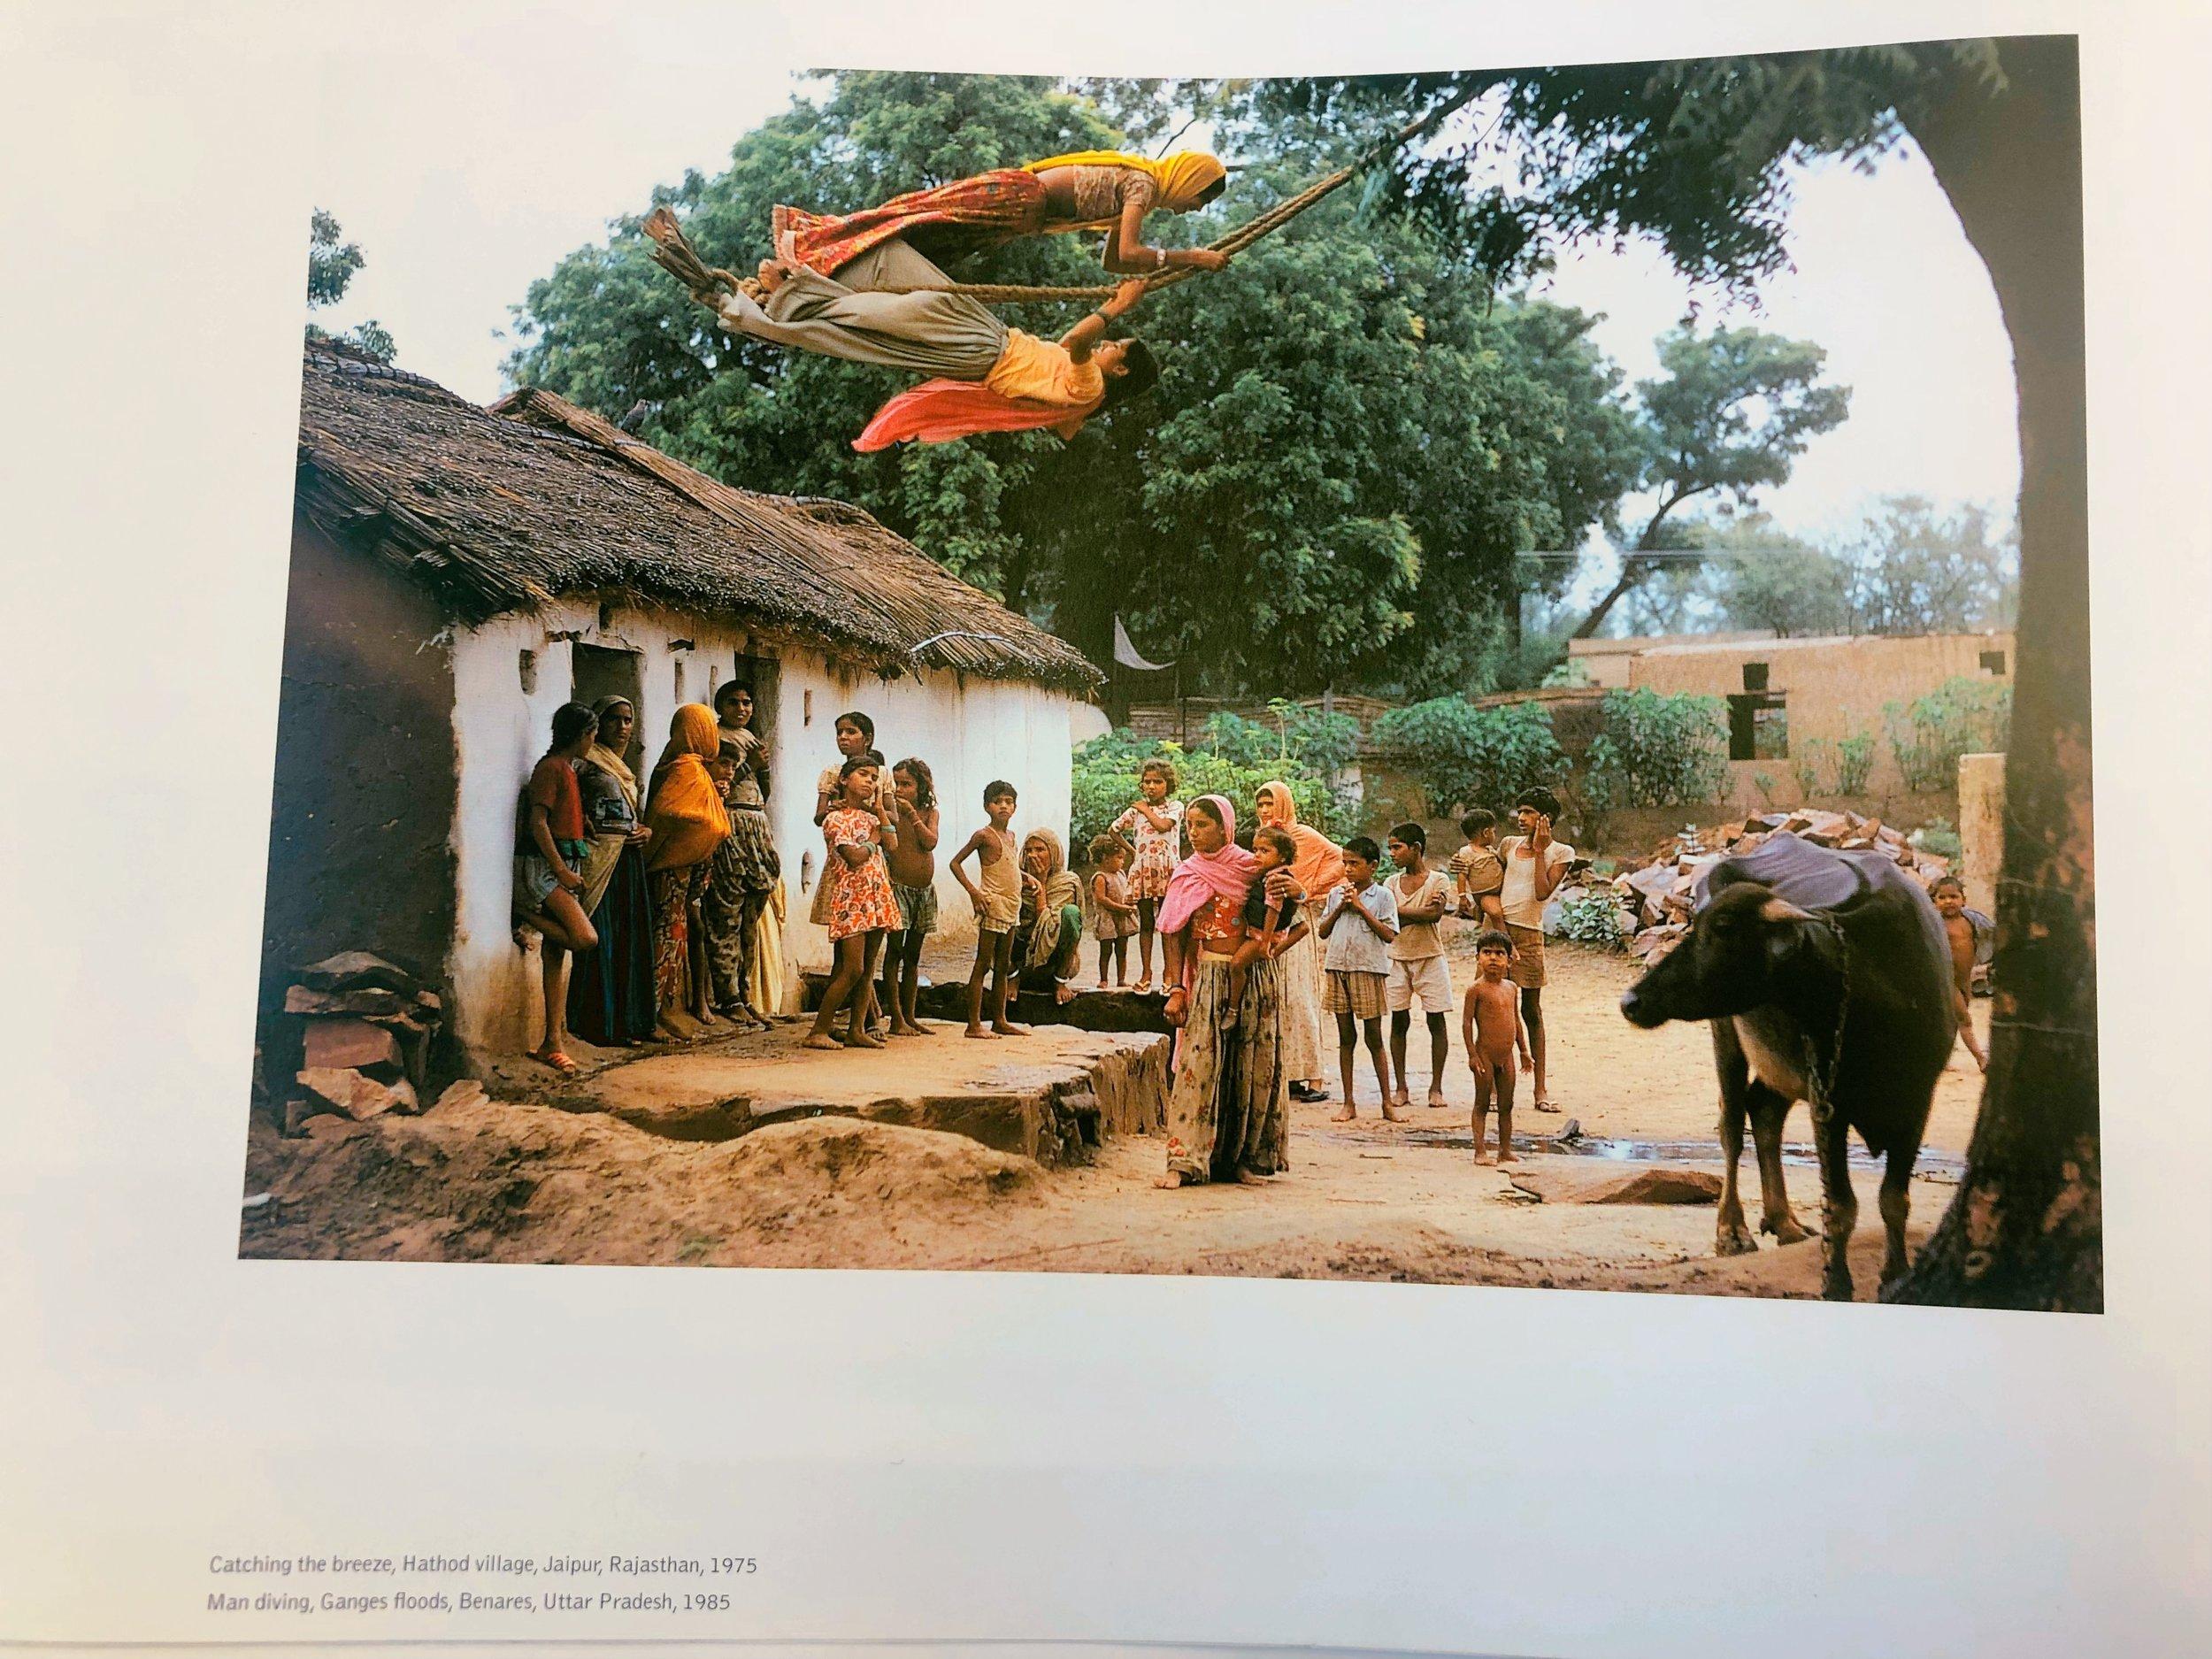 Catching the Breeze, Hathod Village, Jaipur, Rajasthan, 1975 , by Raghubir Singh